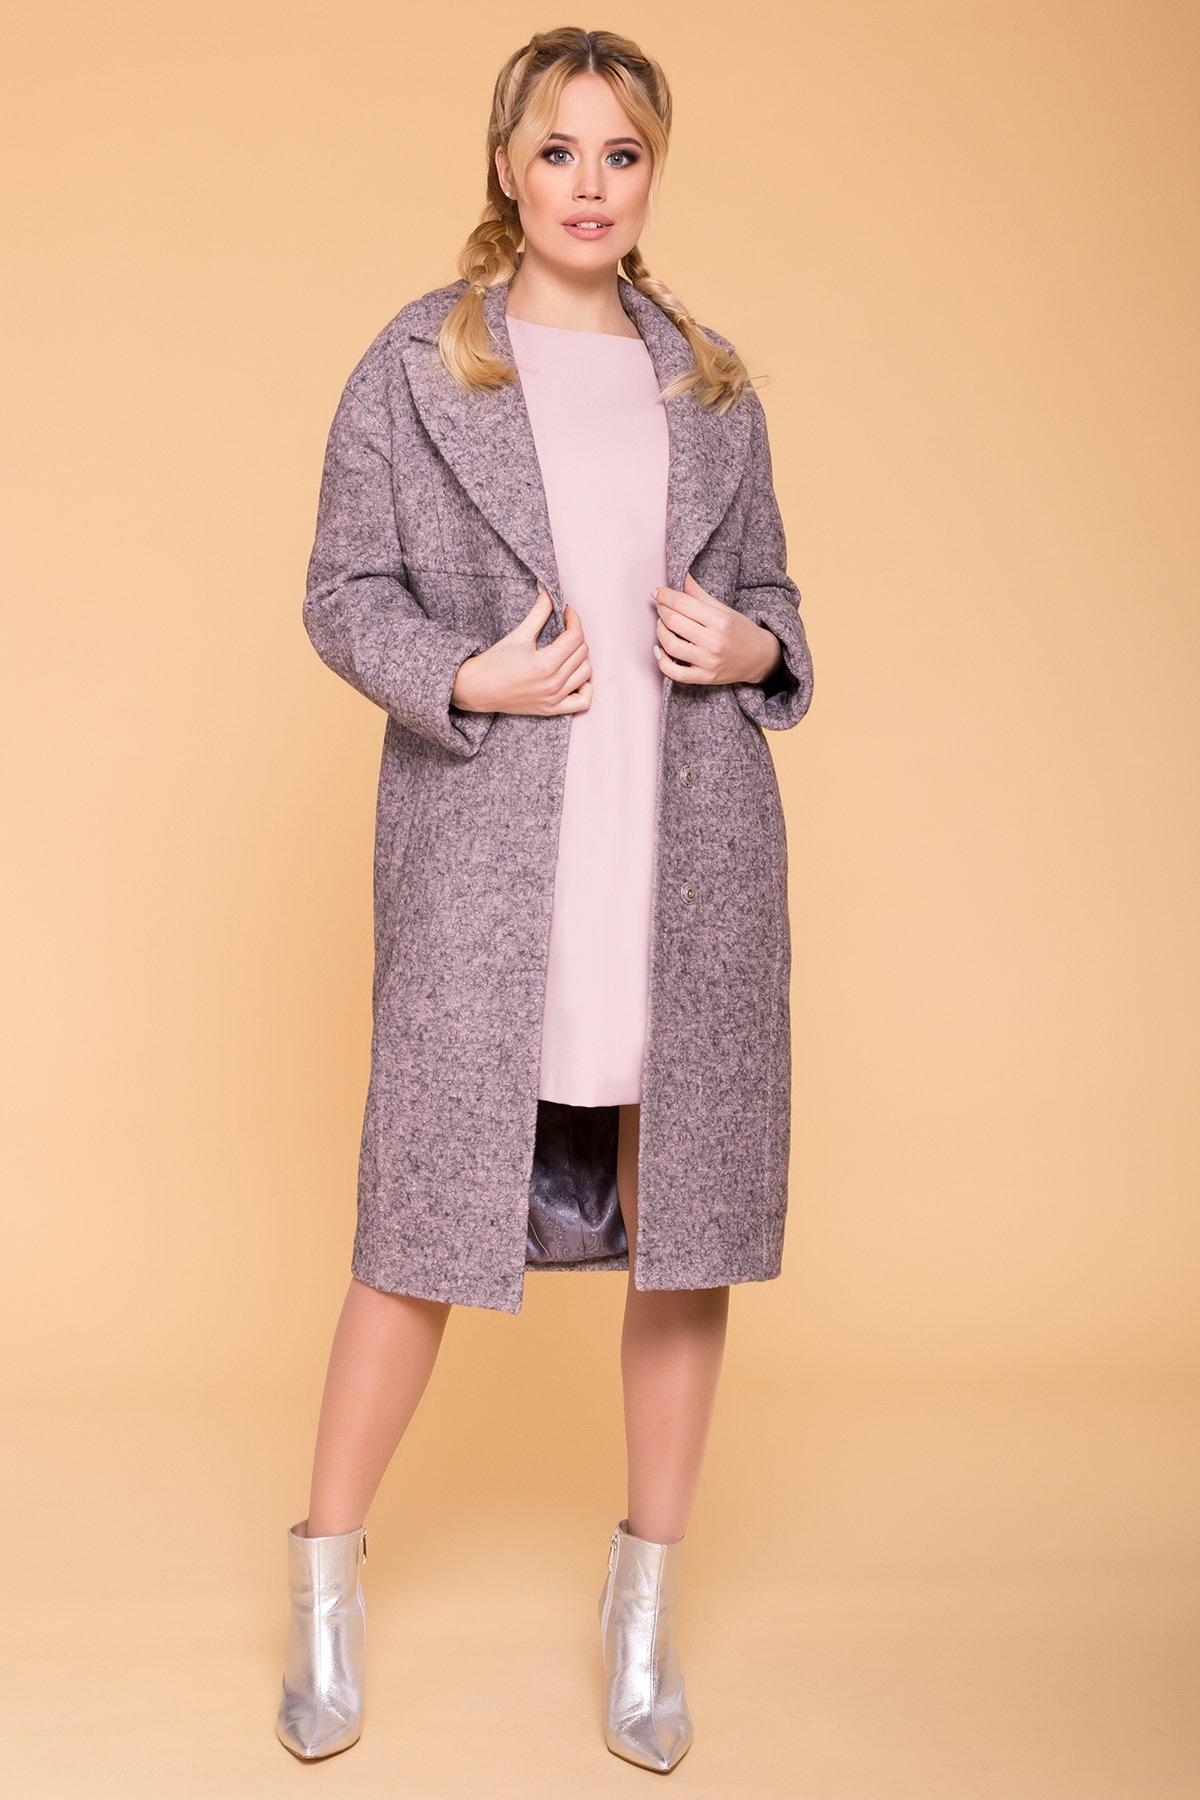 Пальто весна-осень c приспущенной линией плеча Фентези лайт 6365 АРТ. 41230 Цвет: Серо-розовый LW-25 - фото 9, интернет магазин tm-modus.ru